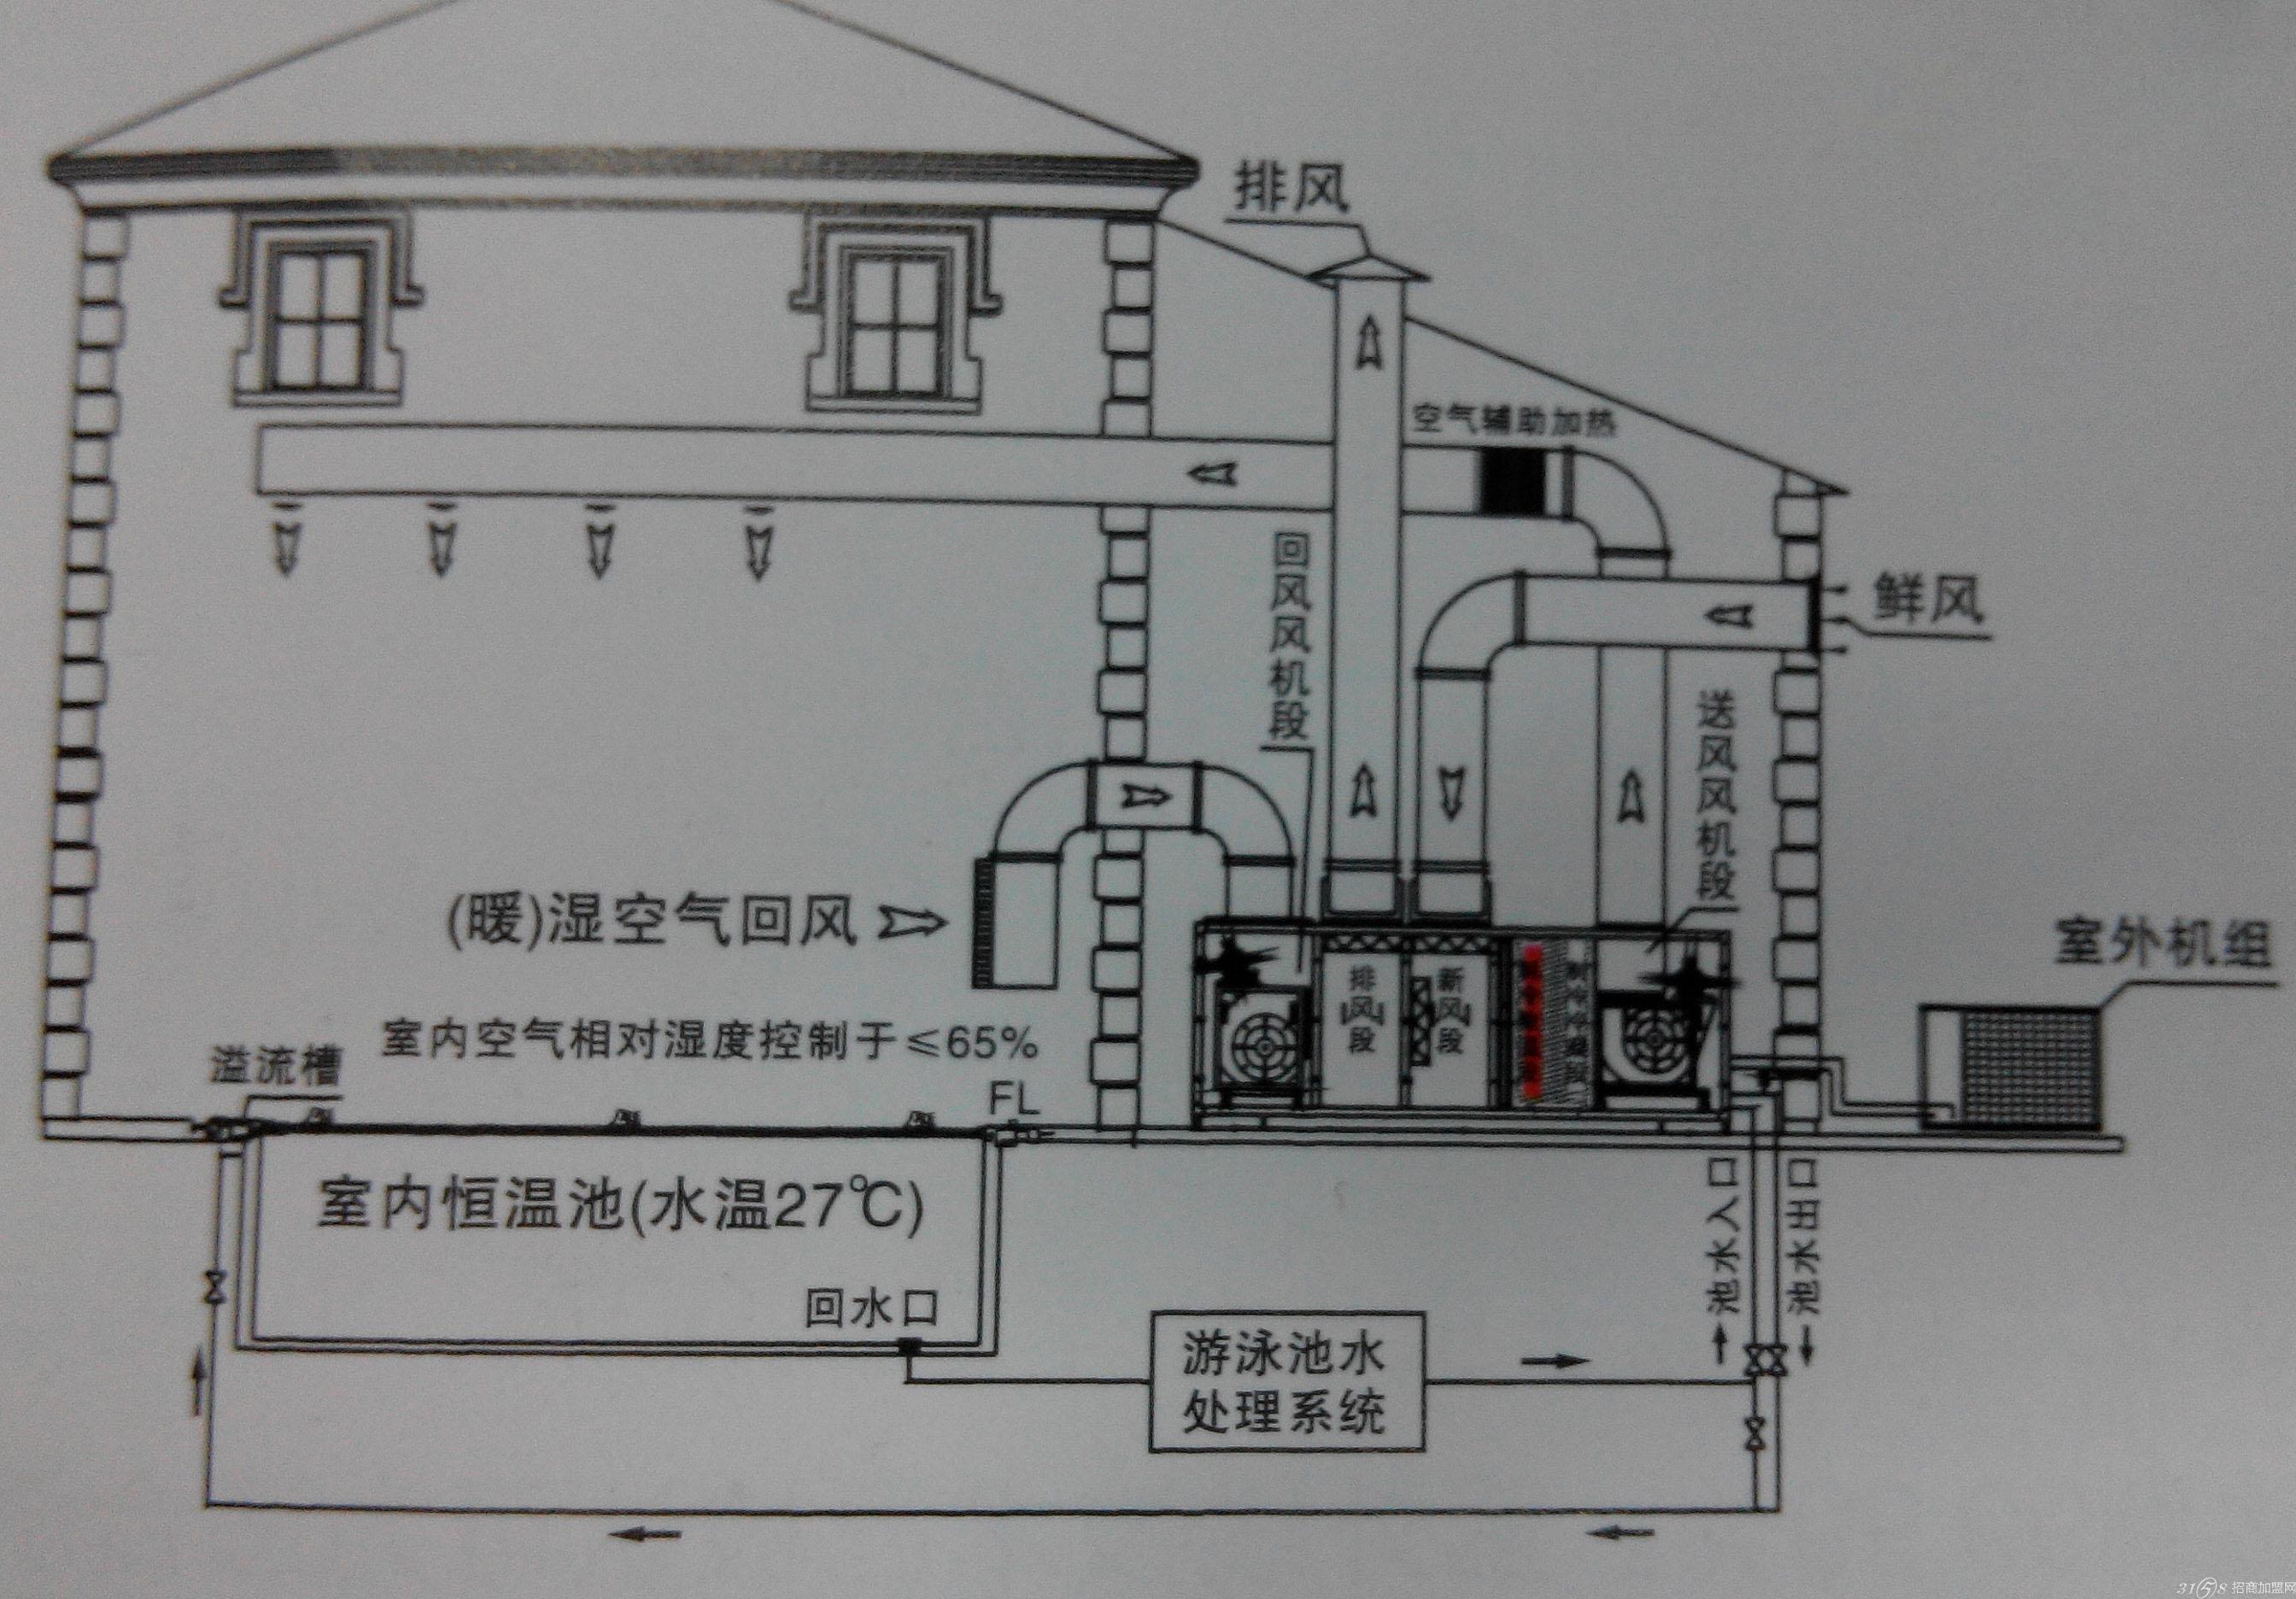 荣事达空气能500吨泳池热水工程解决方案